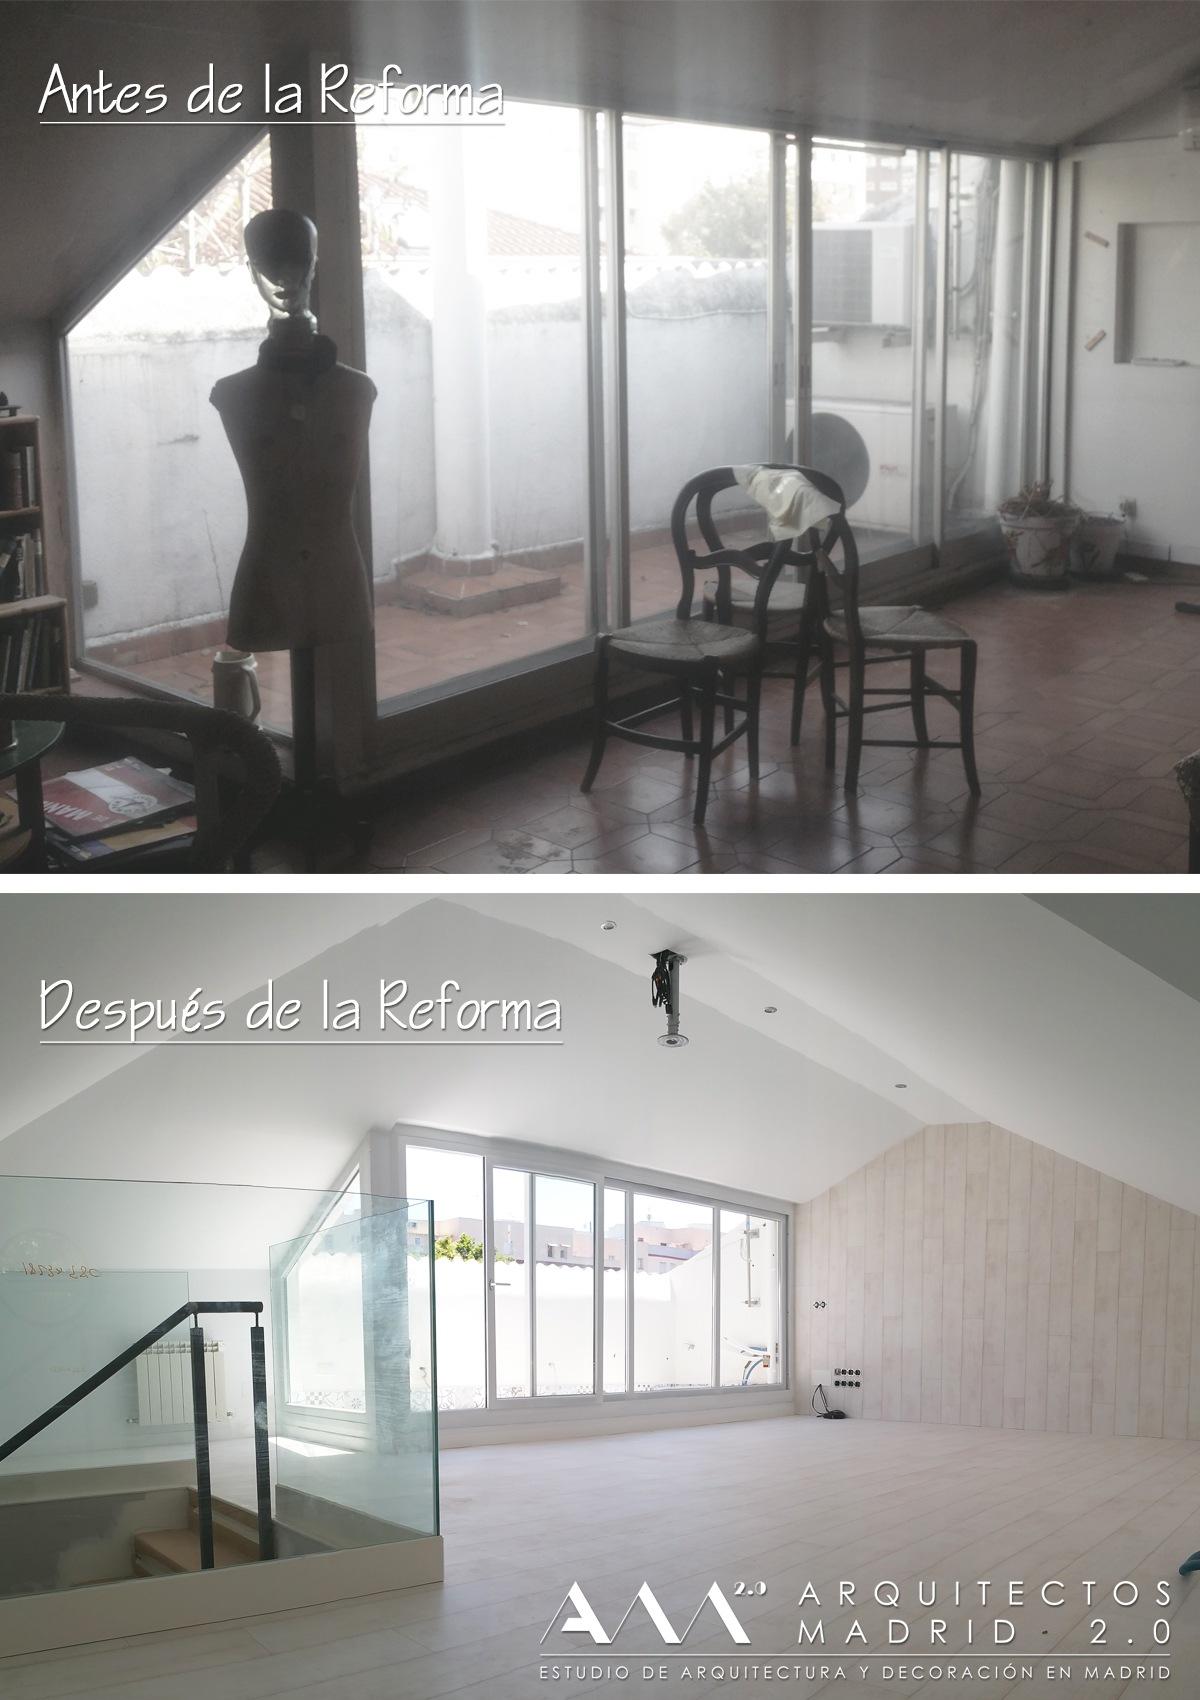 Ideas Reformas Viviendas Antes Y Despu S En Reformas De Pisos Y  ~ Reformas De Casas Antiguas Antes Y Despues